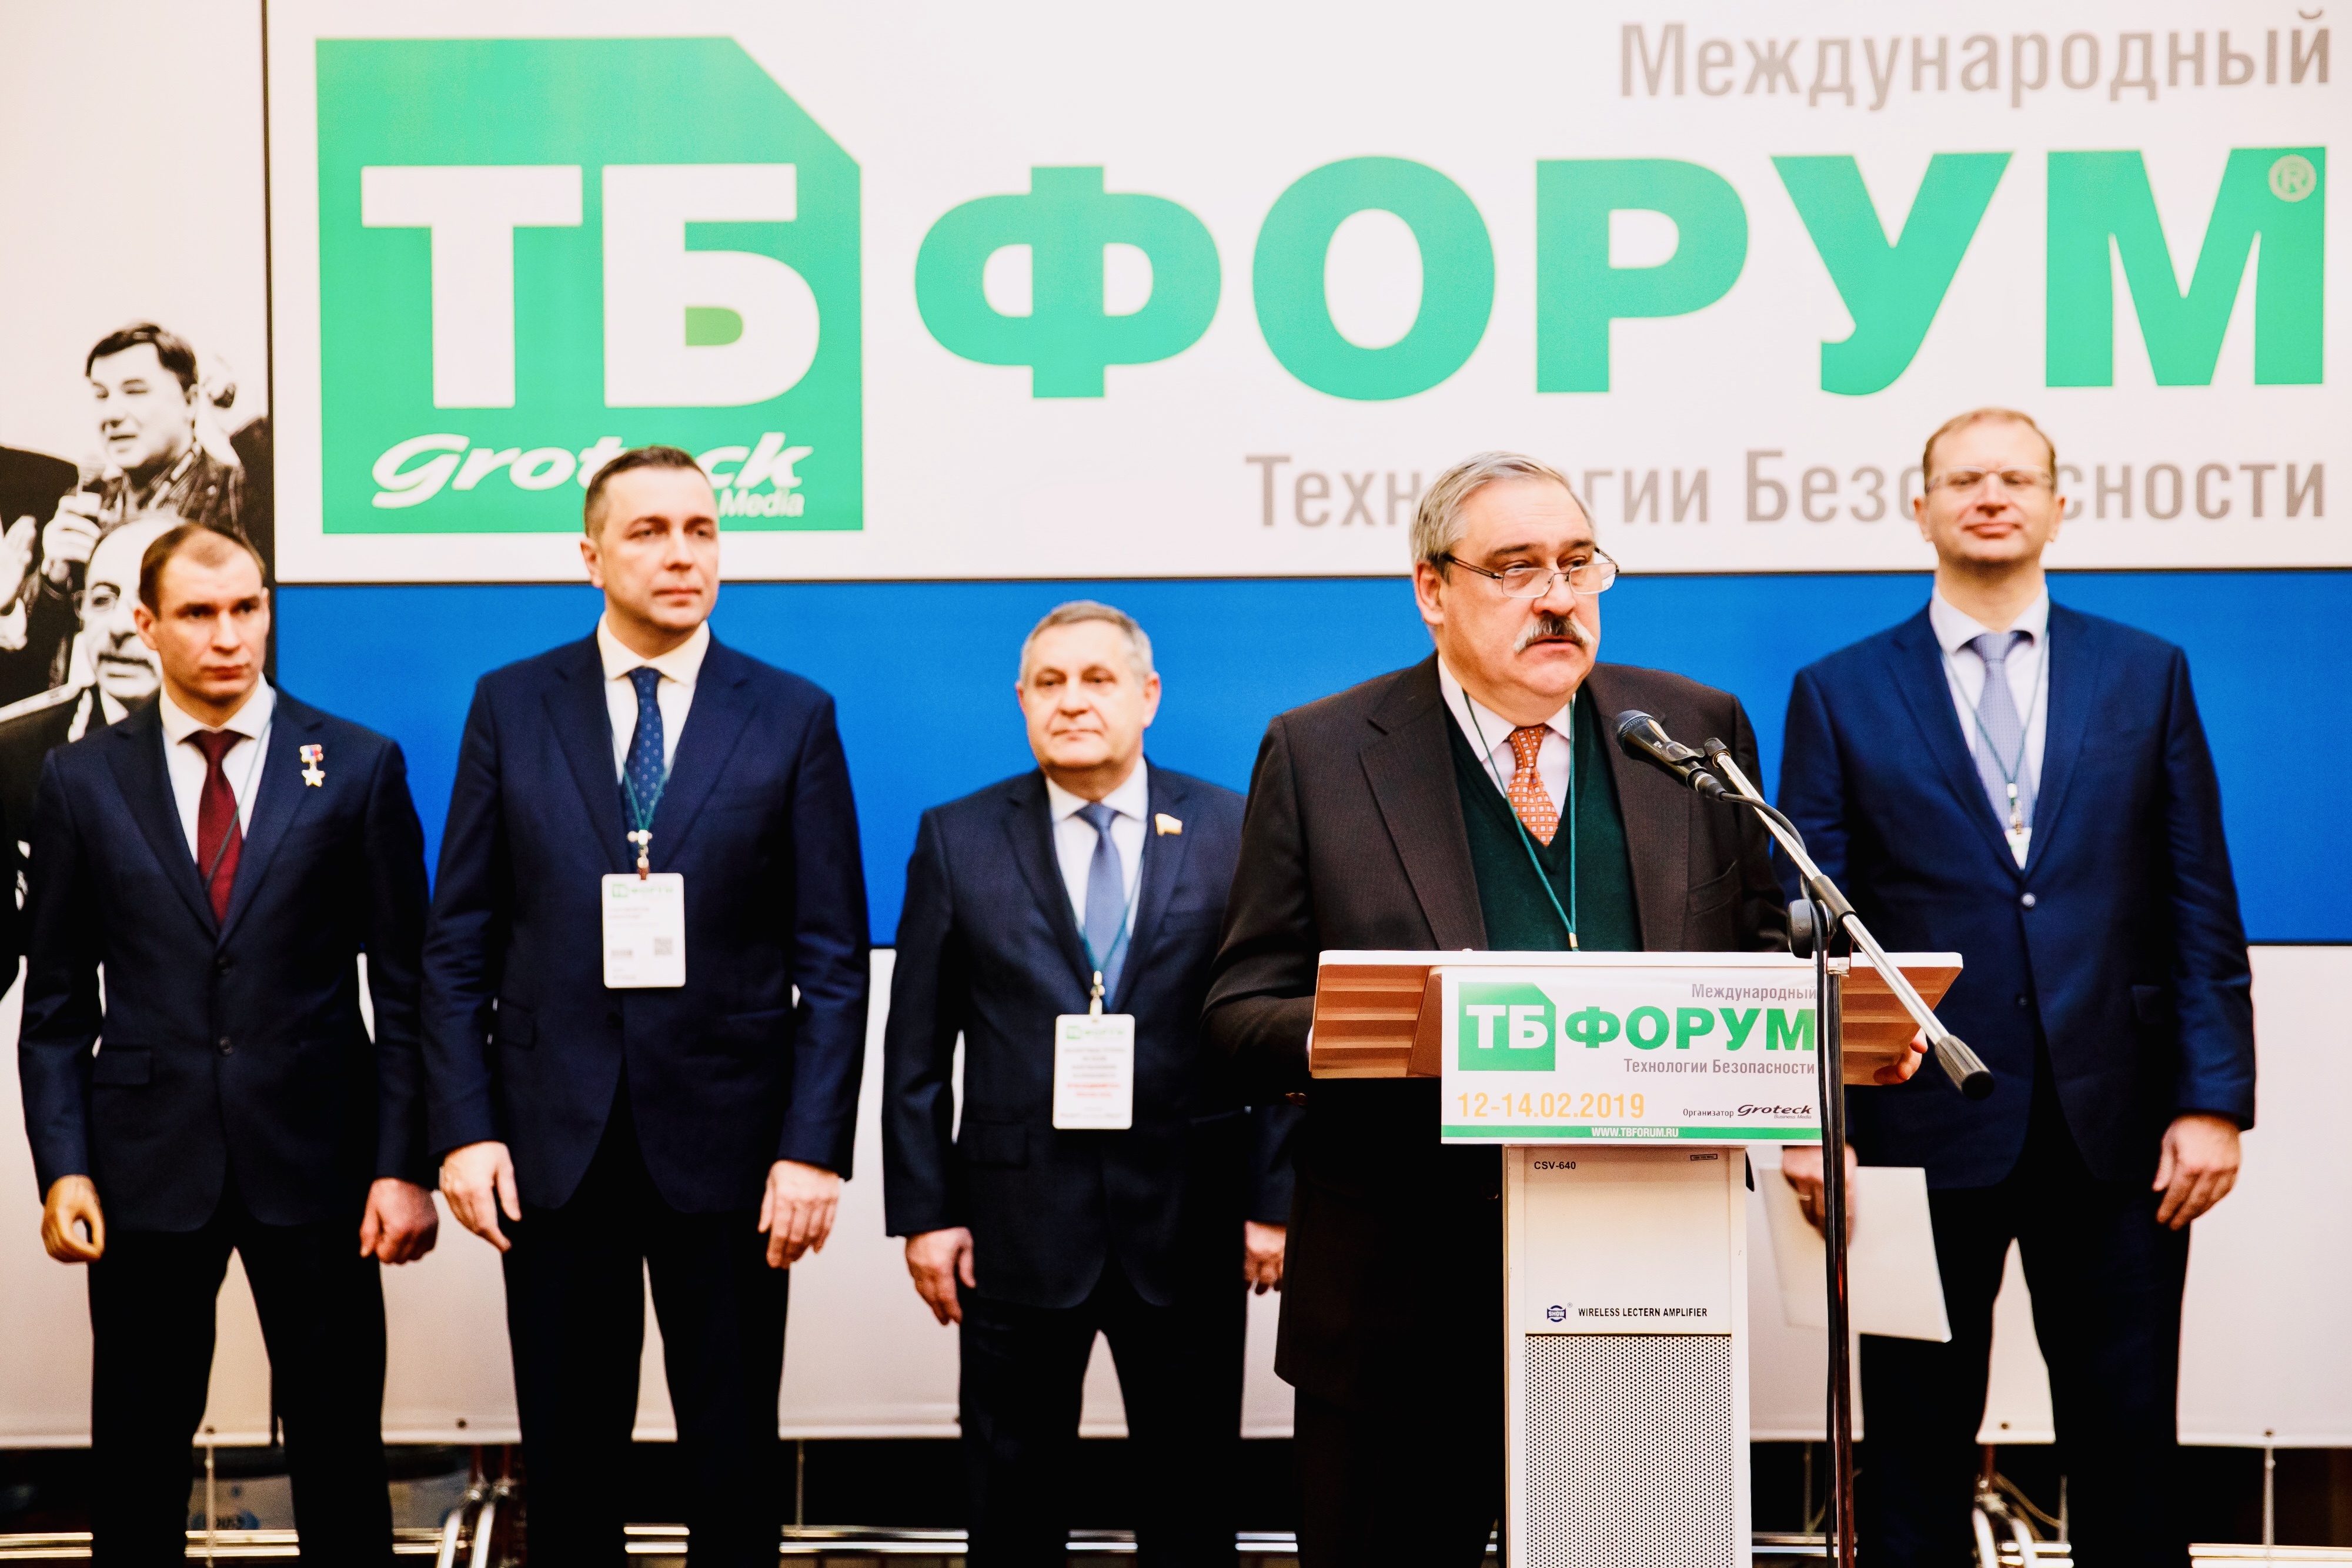 Завершился ТБ Форум 2019 - крупнейший съезд руководителей по безопасности